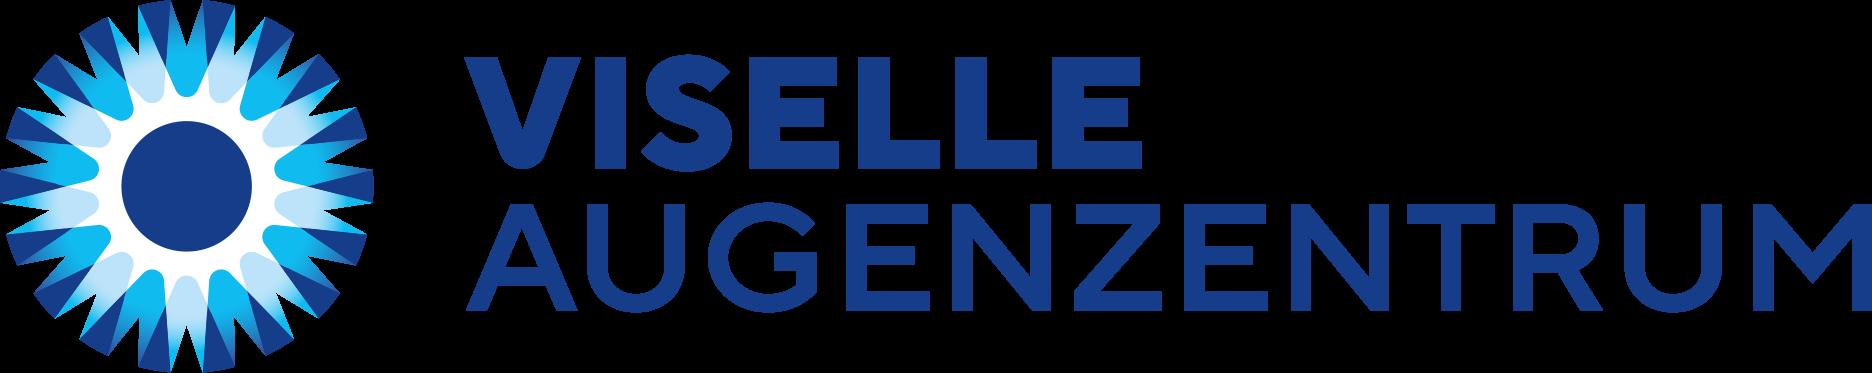 Viselle Augenzentrum Logo